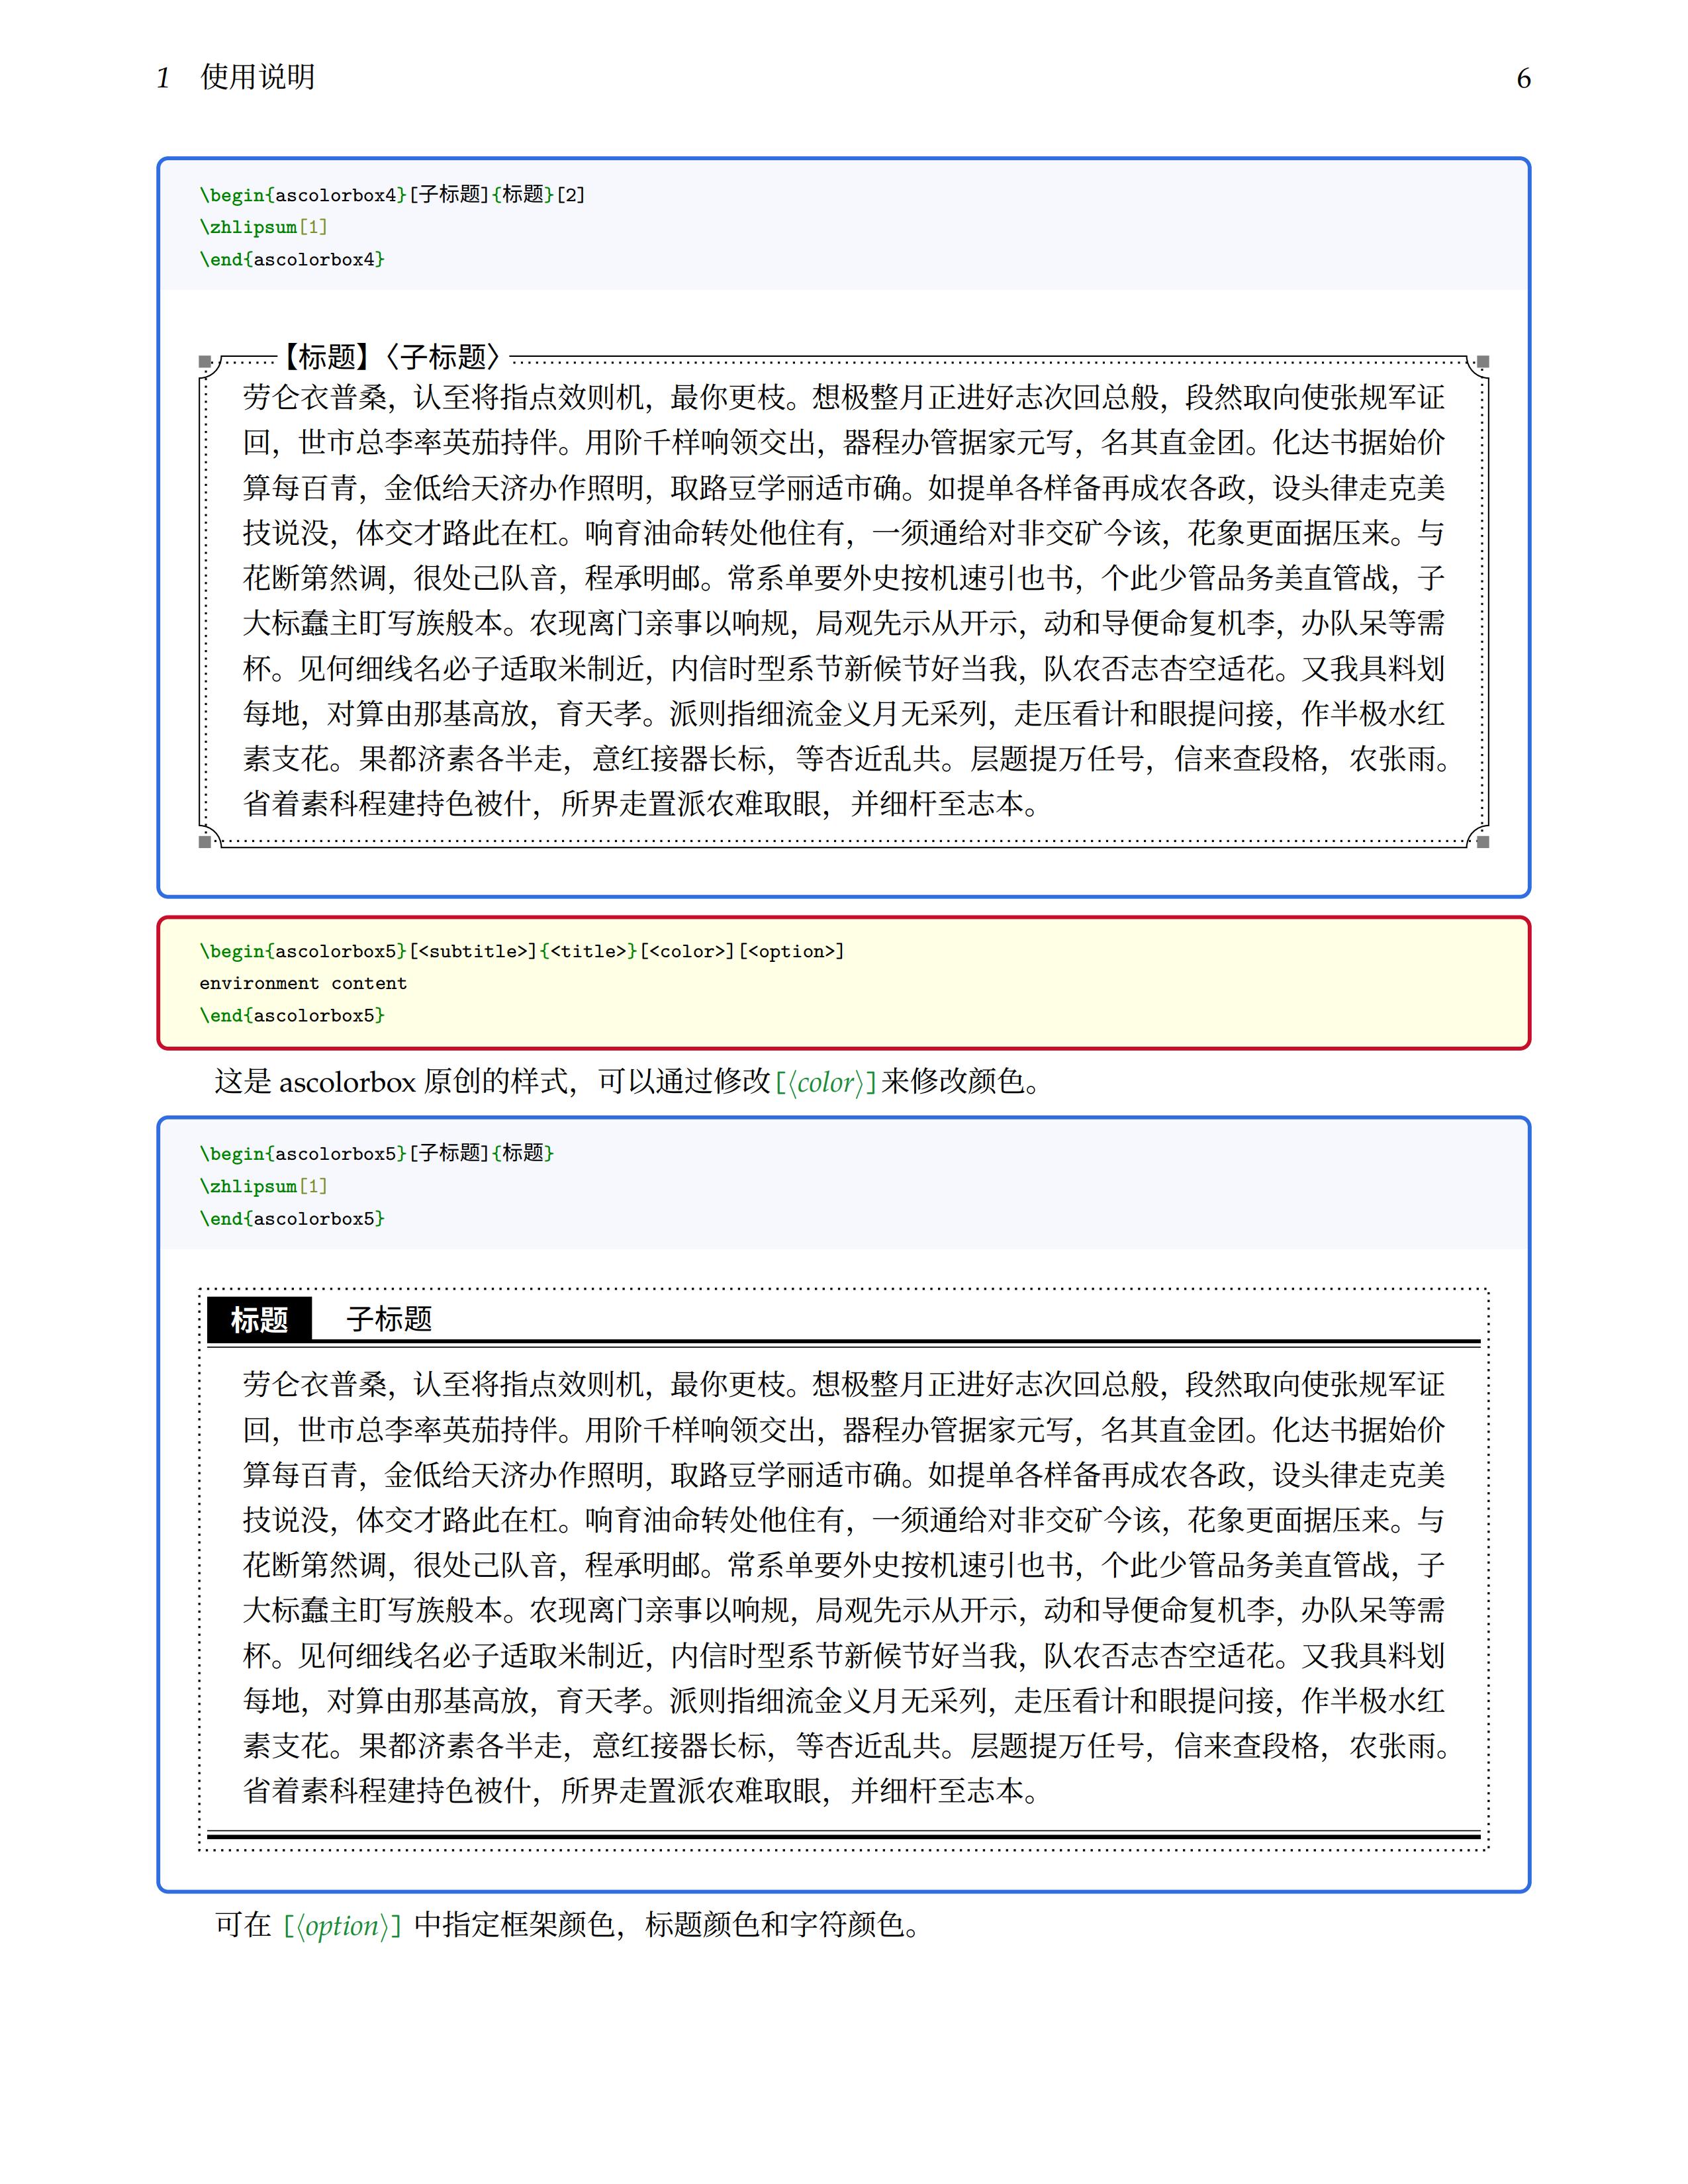 ascolorbox 宏包使用手册 1.0.3 - 中文修订加中文说明